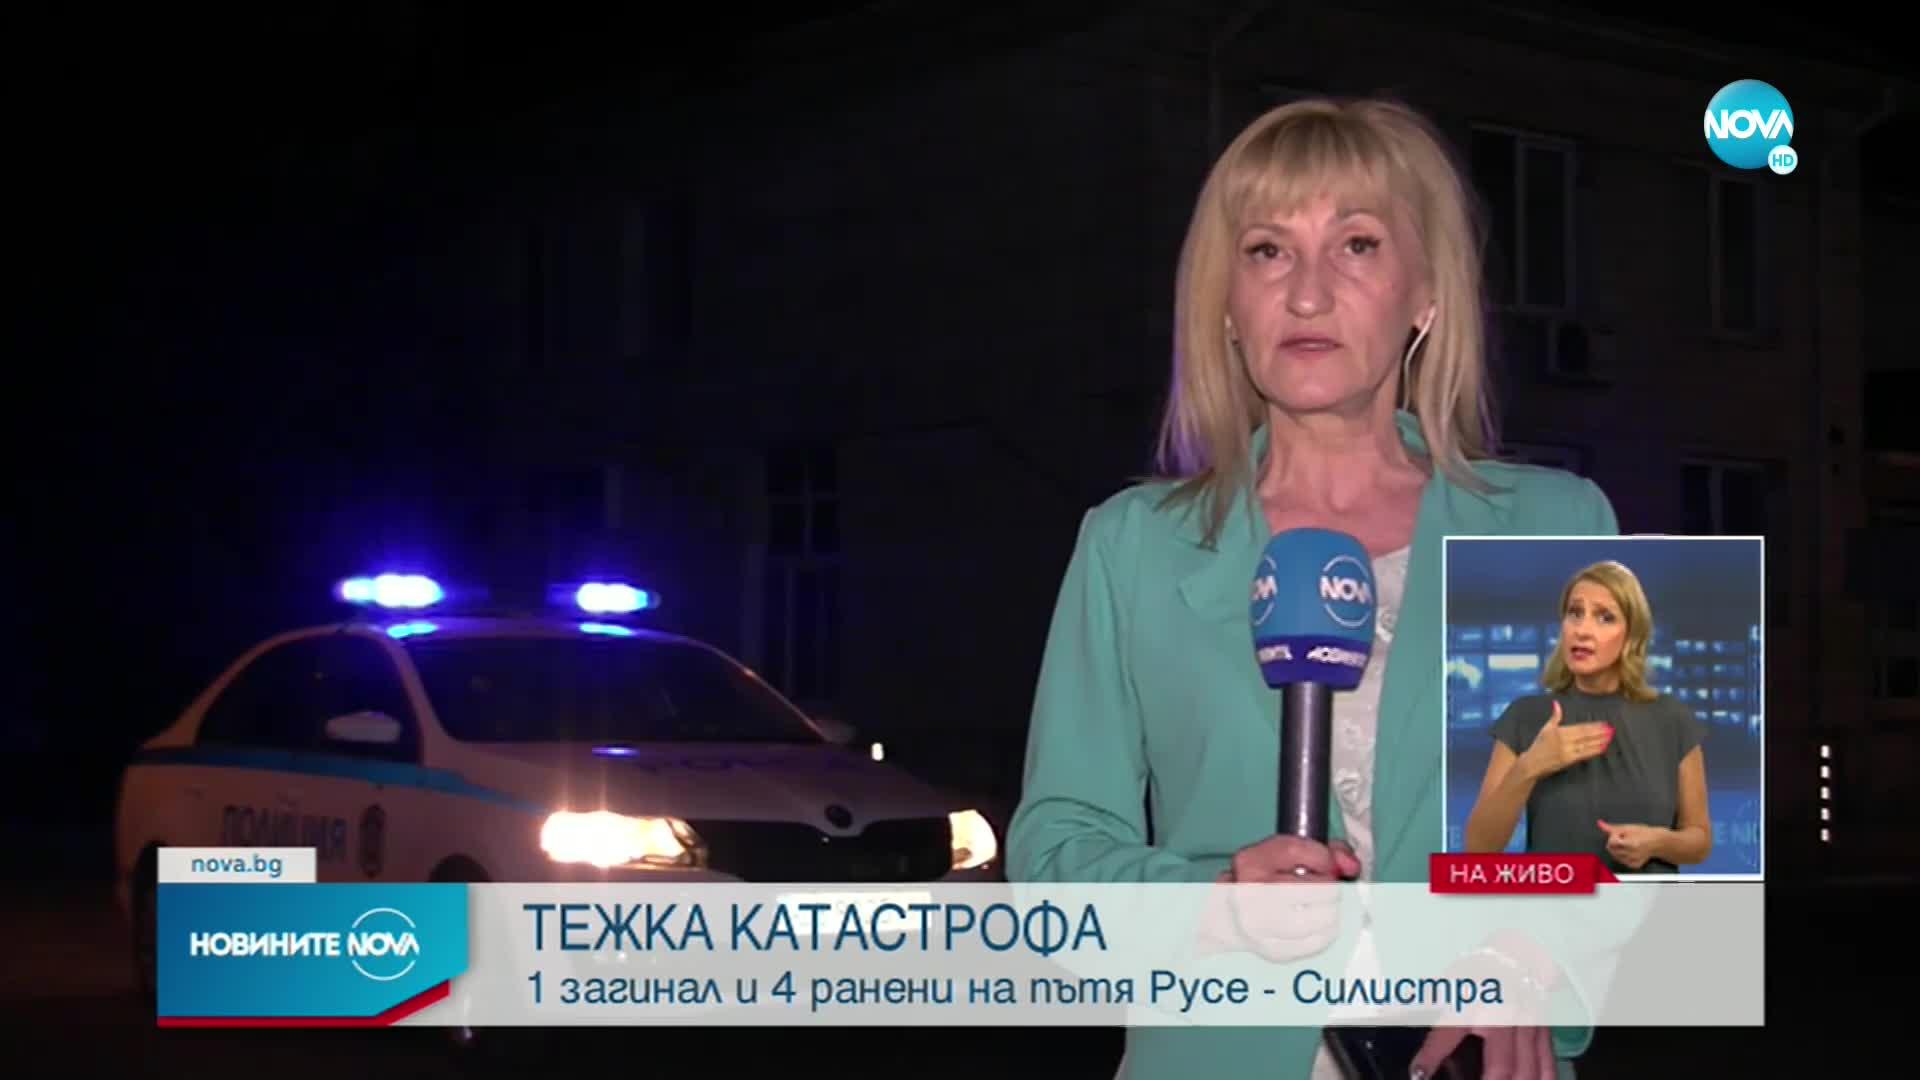 Тежка катастрофа затвори пътя Русе - Силистра, има жертва и пострадали